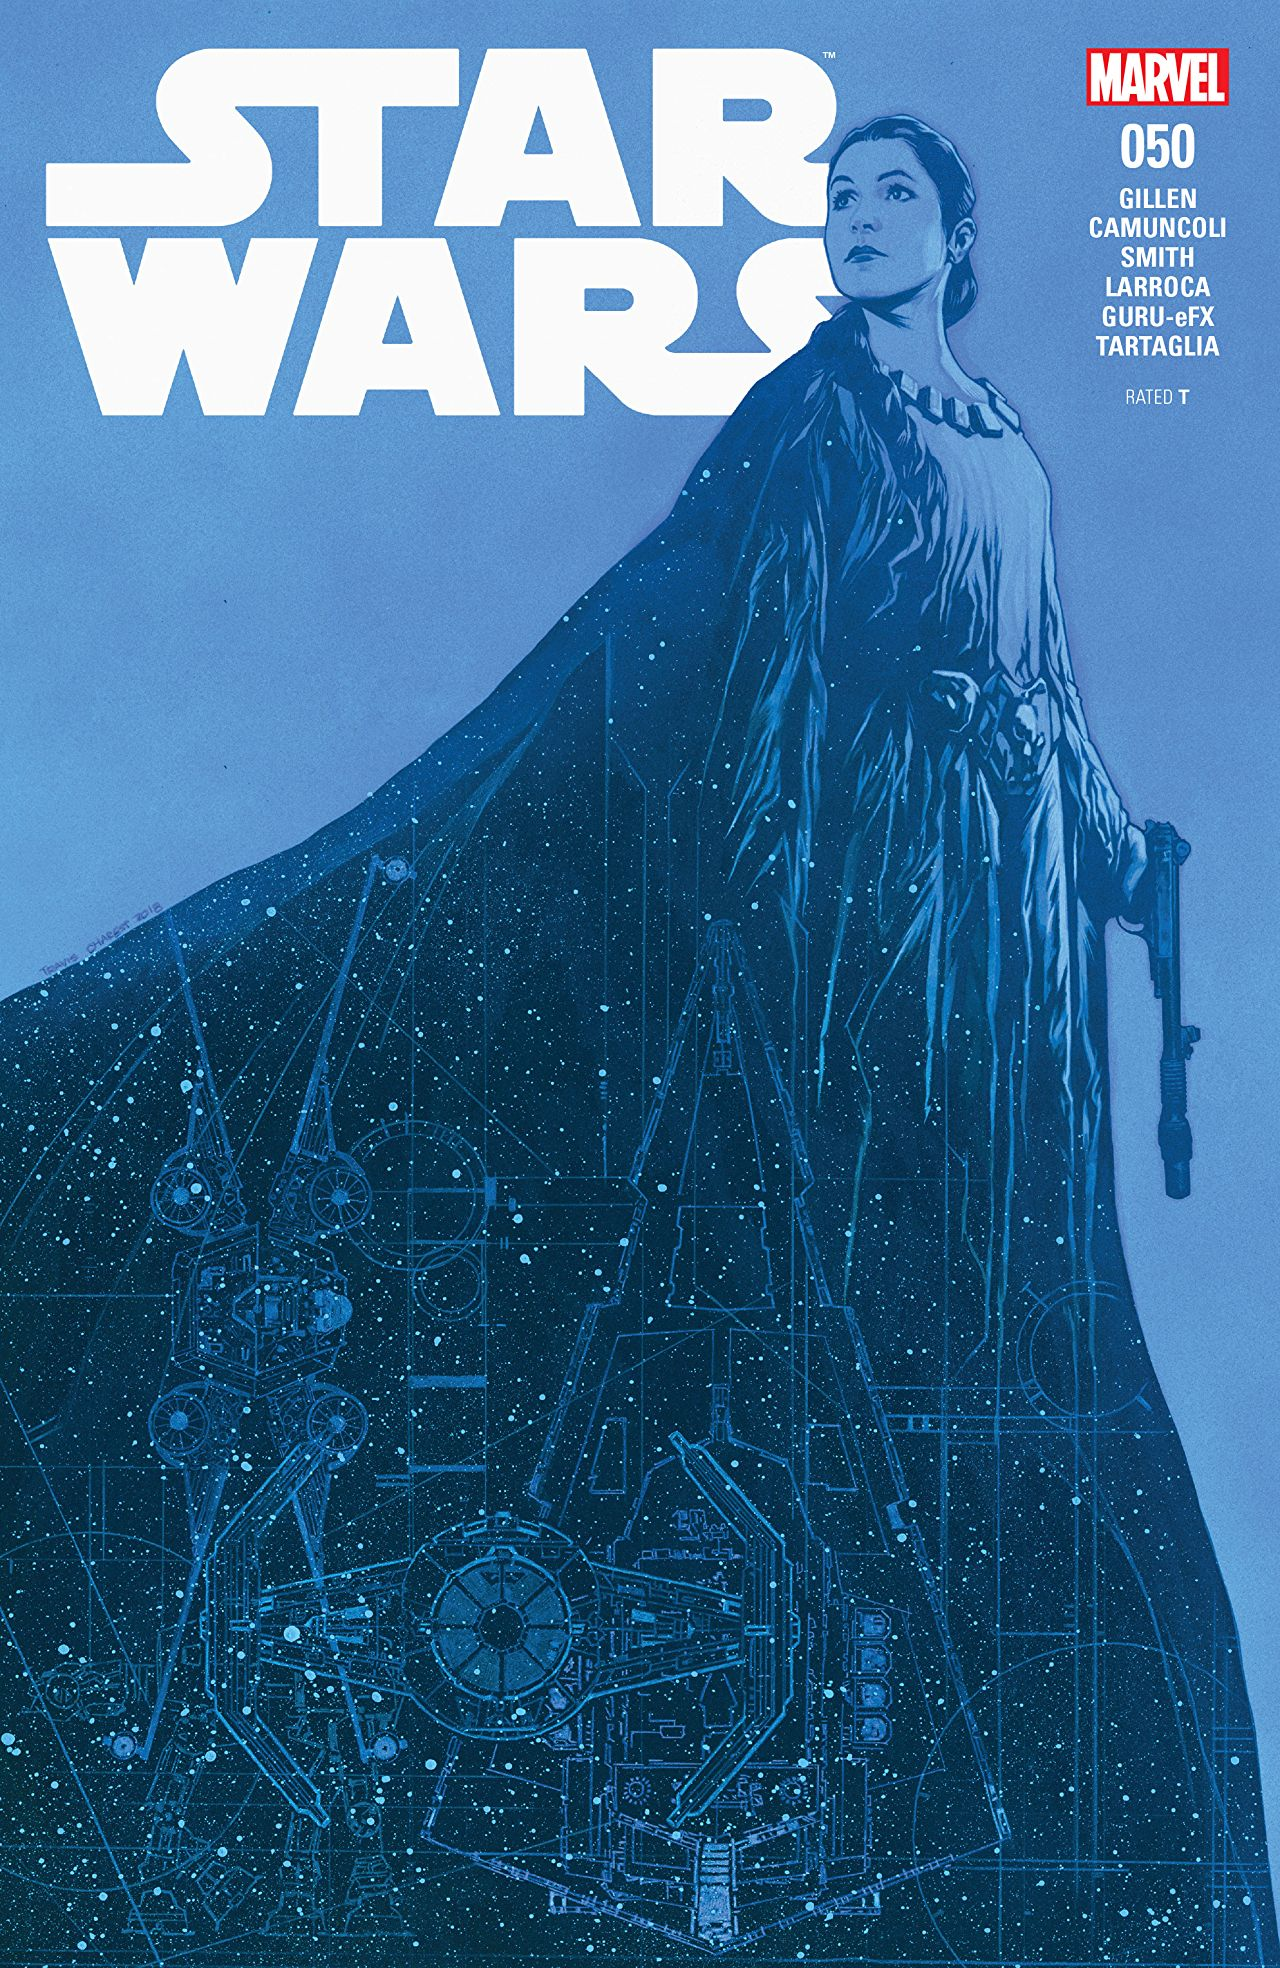 Звёздные войны 50: Надежда сгорает, часть 1